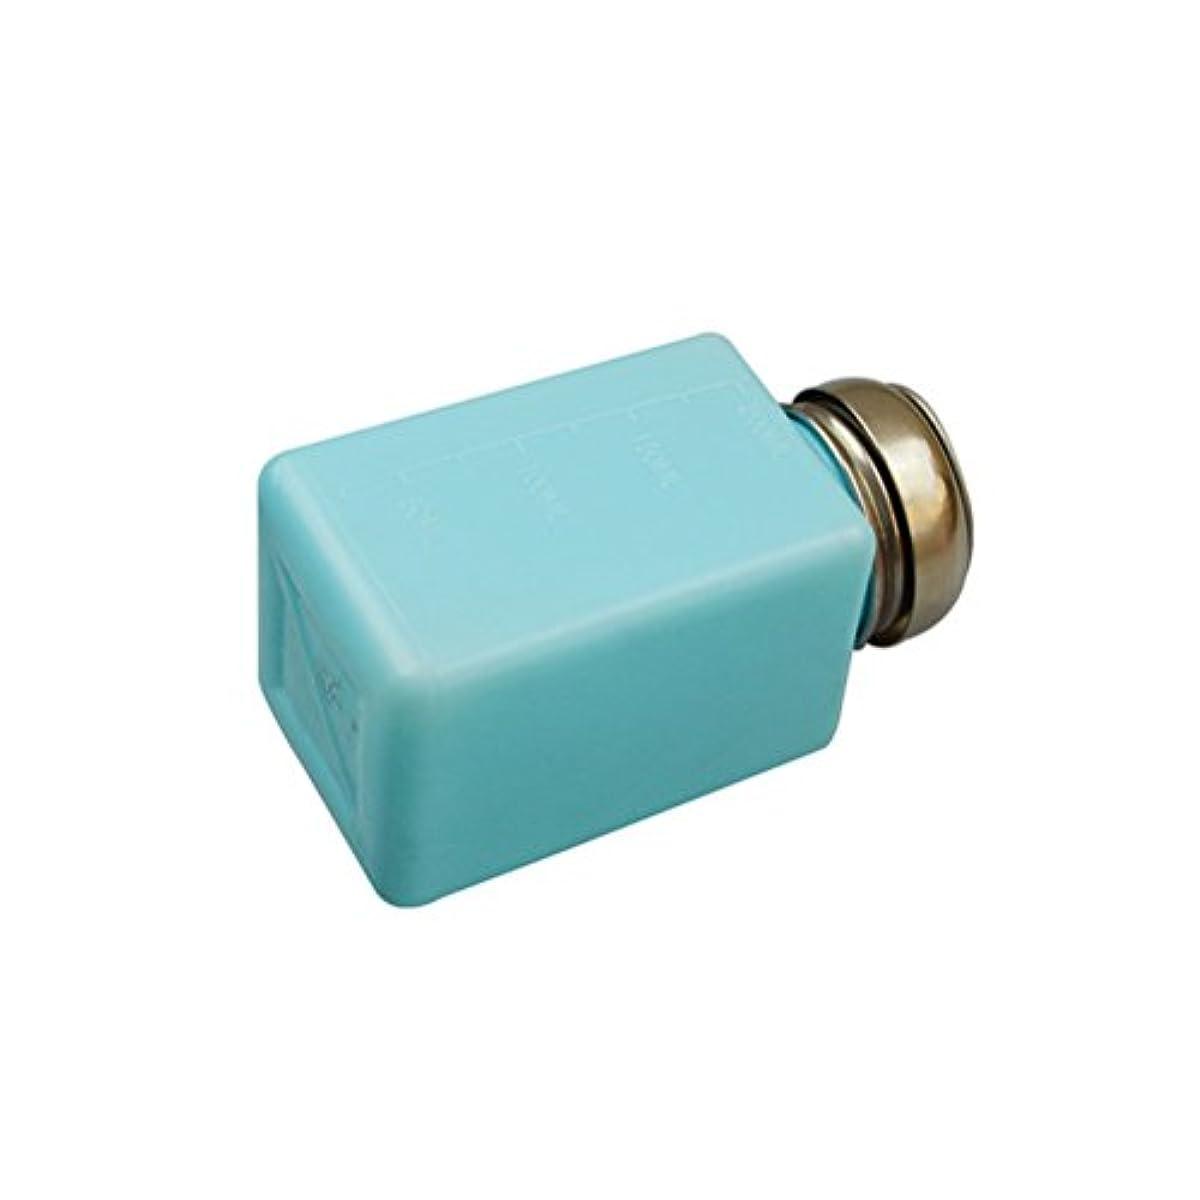 類似性まで予防接種するBESTOMZ アルコールボトル 便利 クレンジングオイル 小分け容器 静電防止 200ML(青)